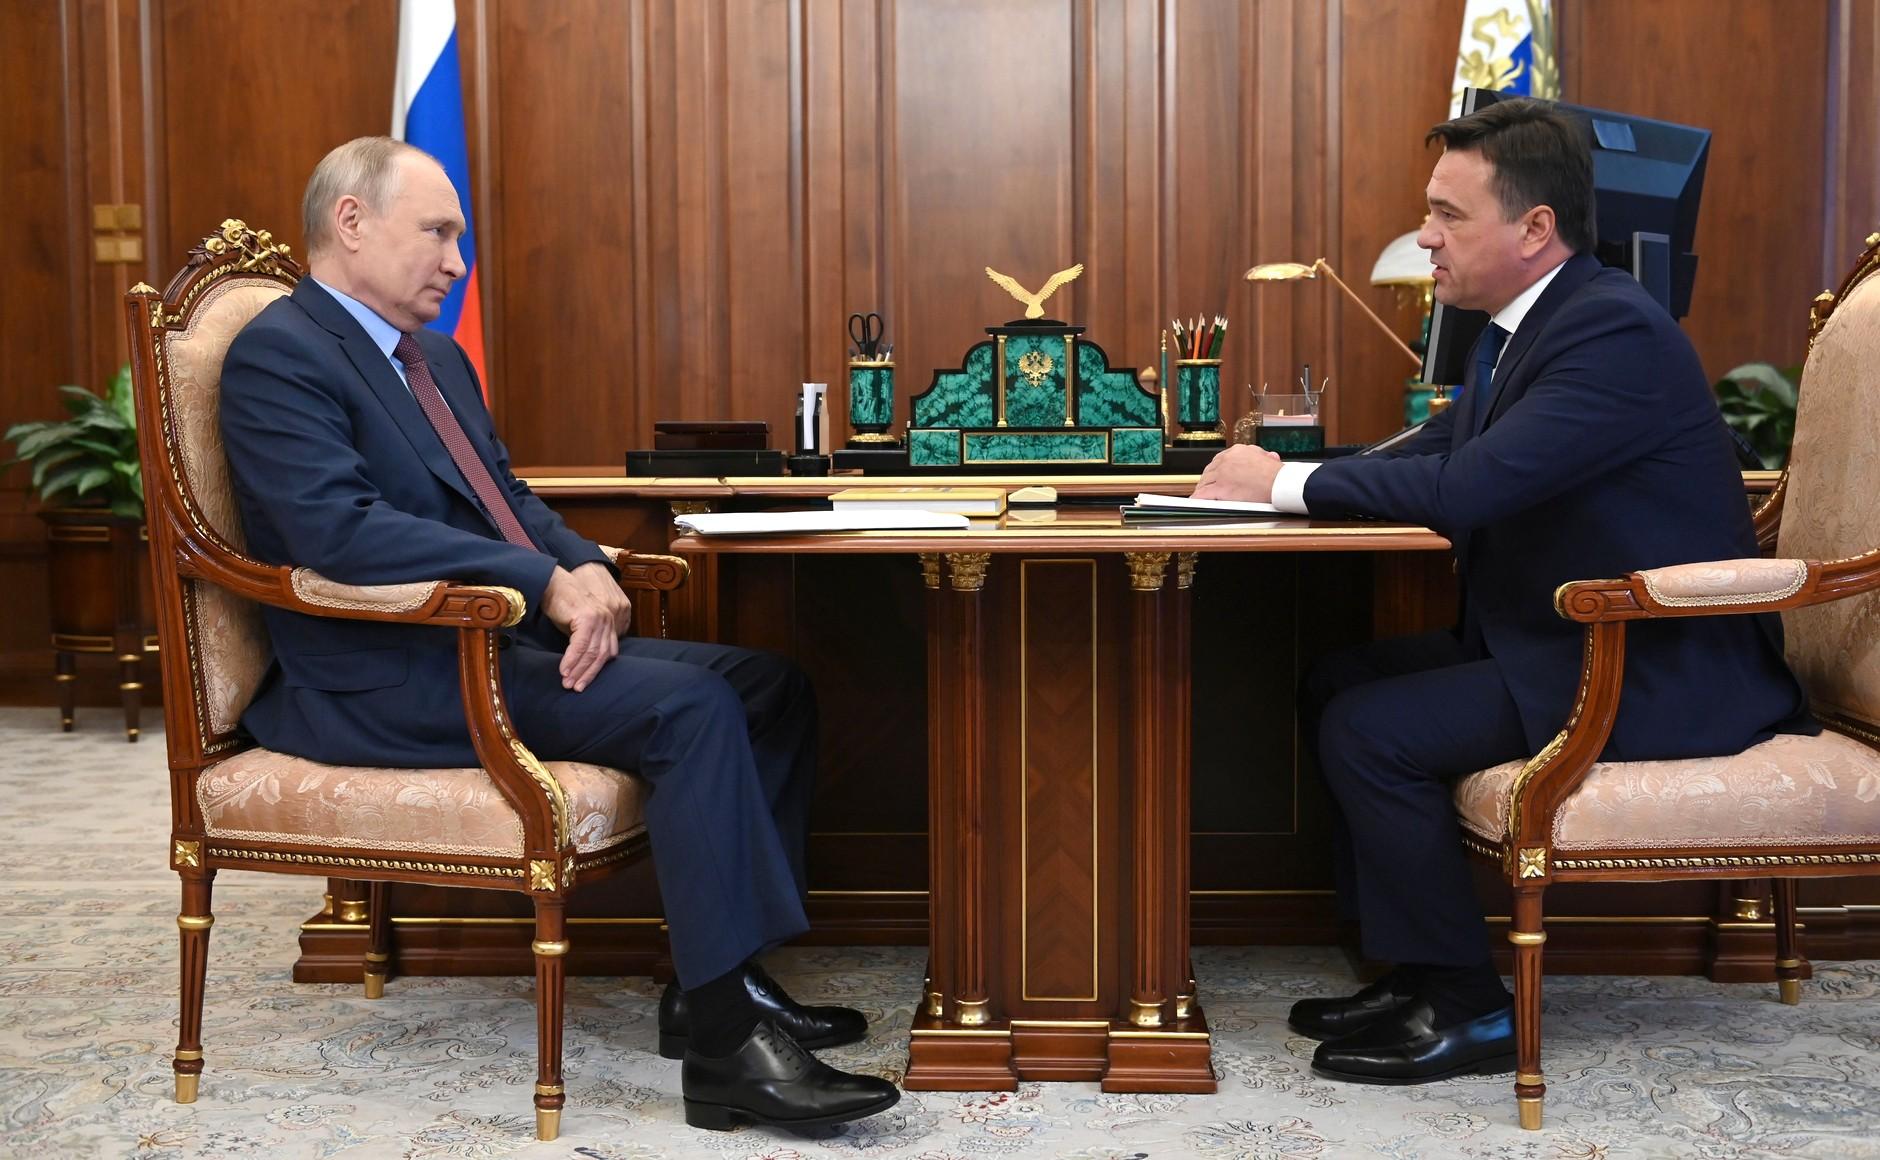 Путин: Правительство выделит 10 млрд рублей на строительство дорожных развязок в Подмосковье